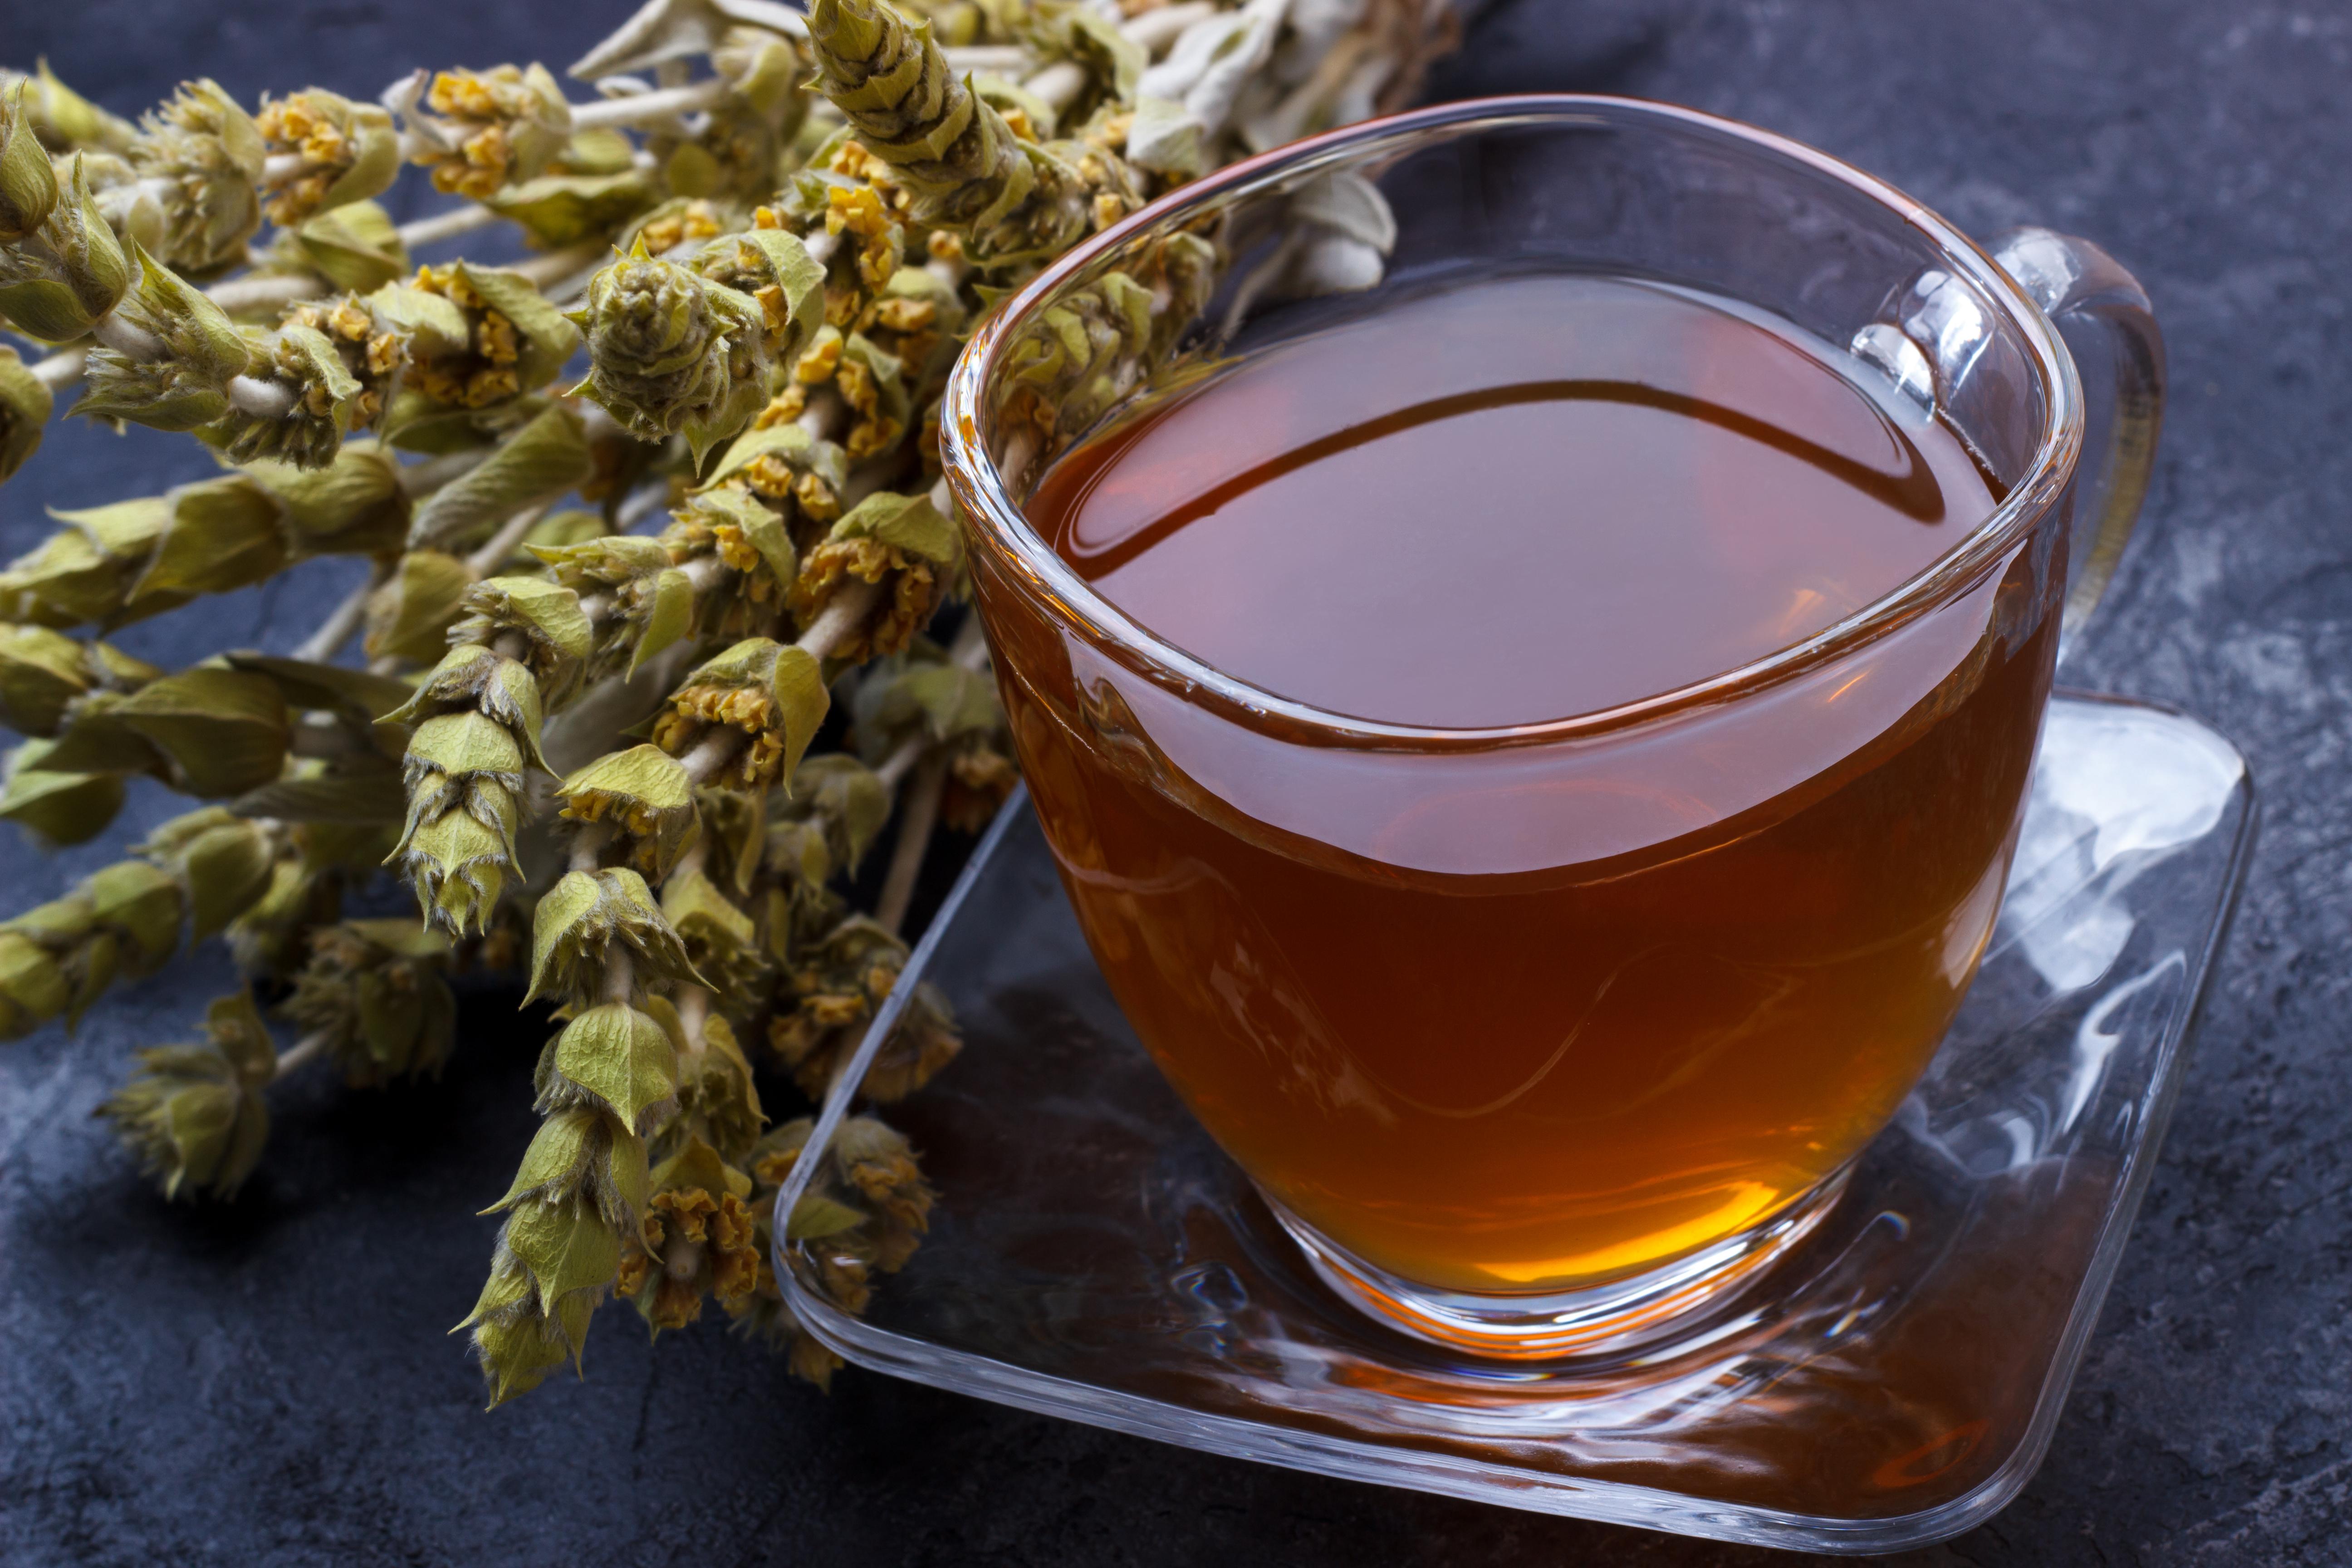 Mountain tea or Sideritis